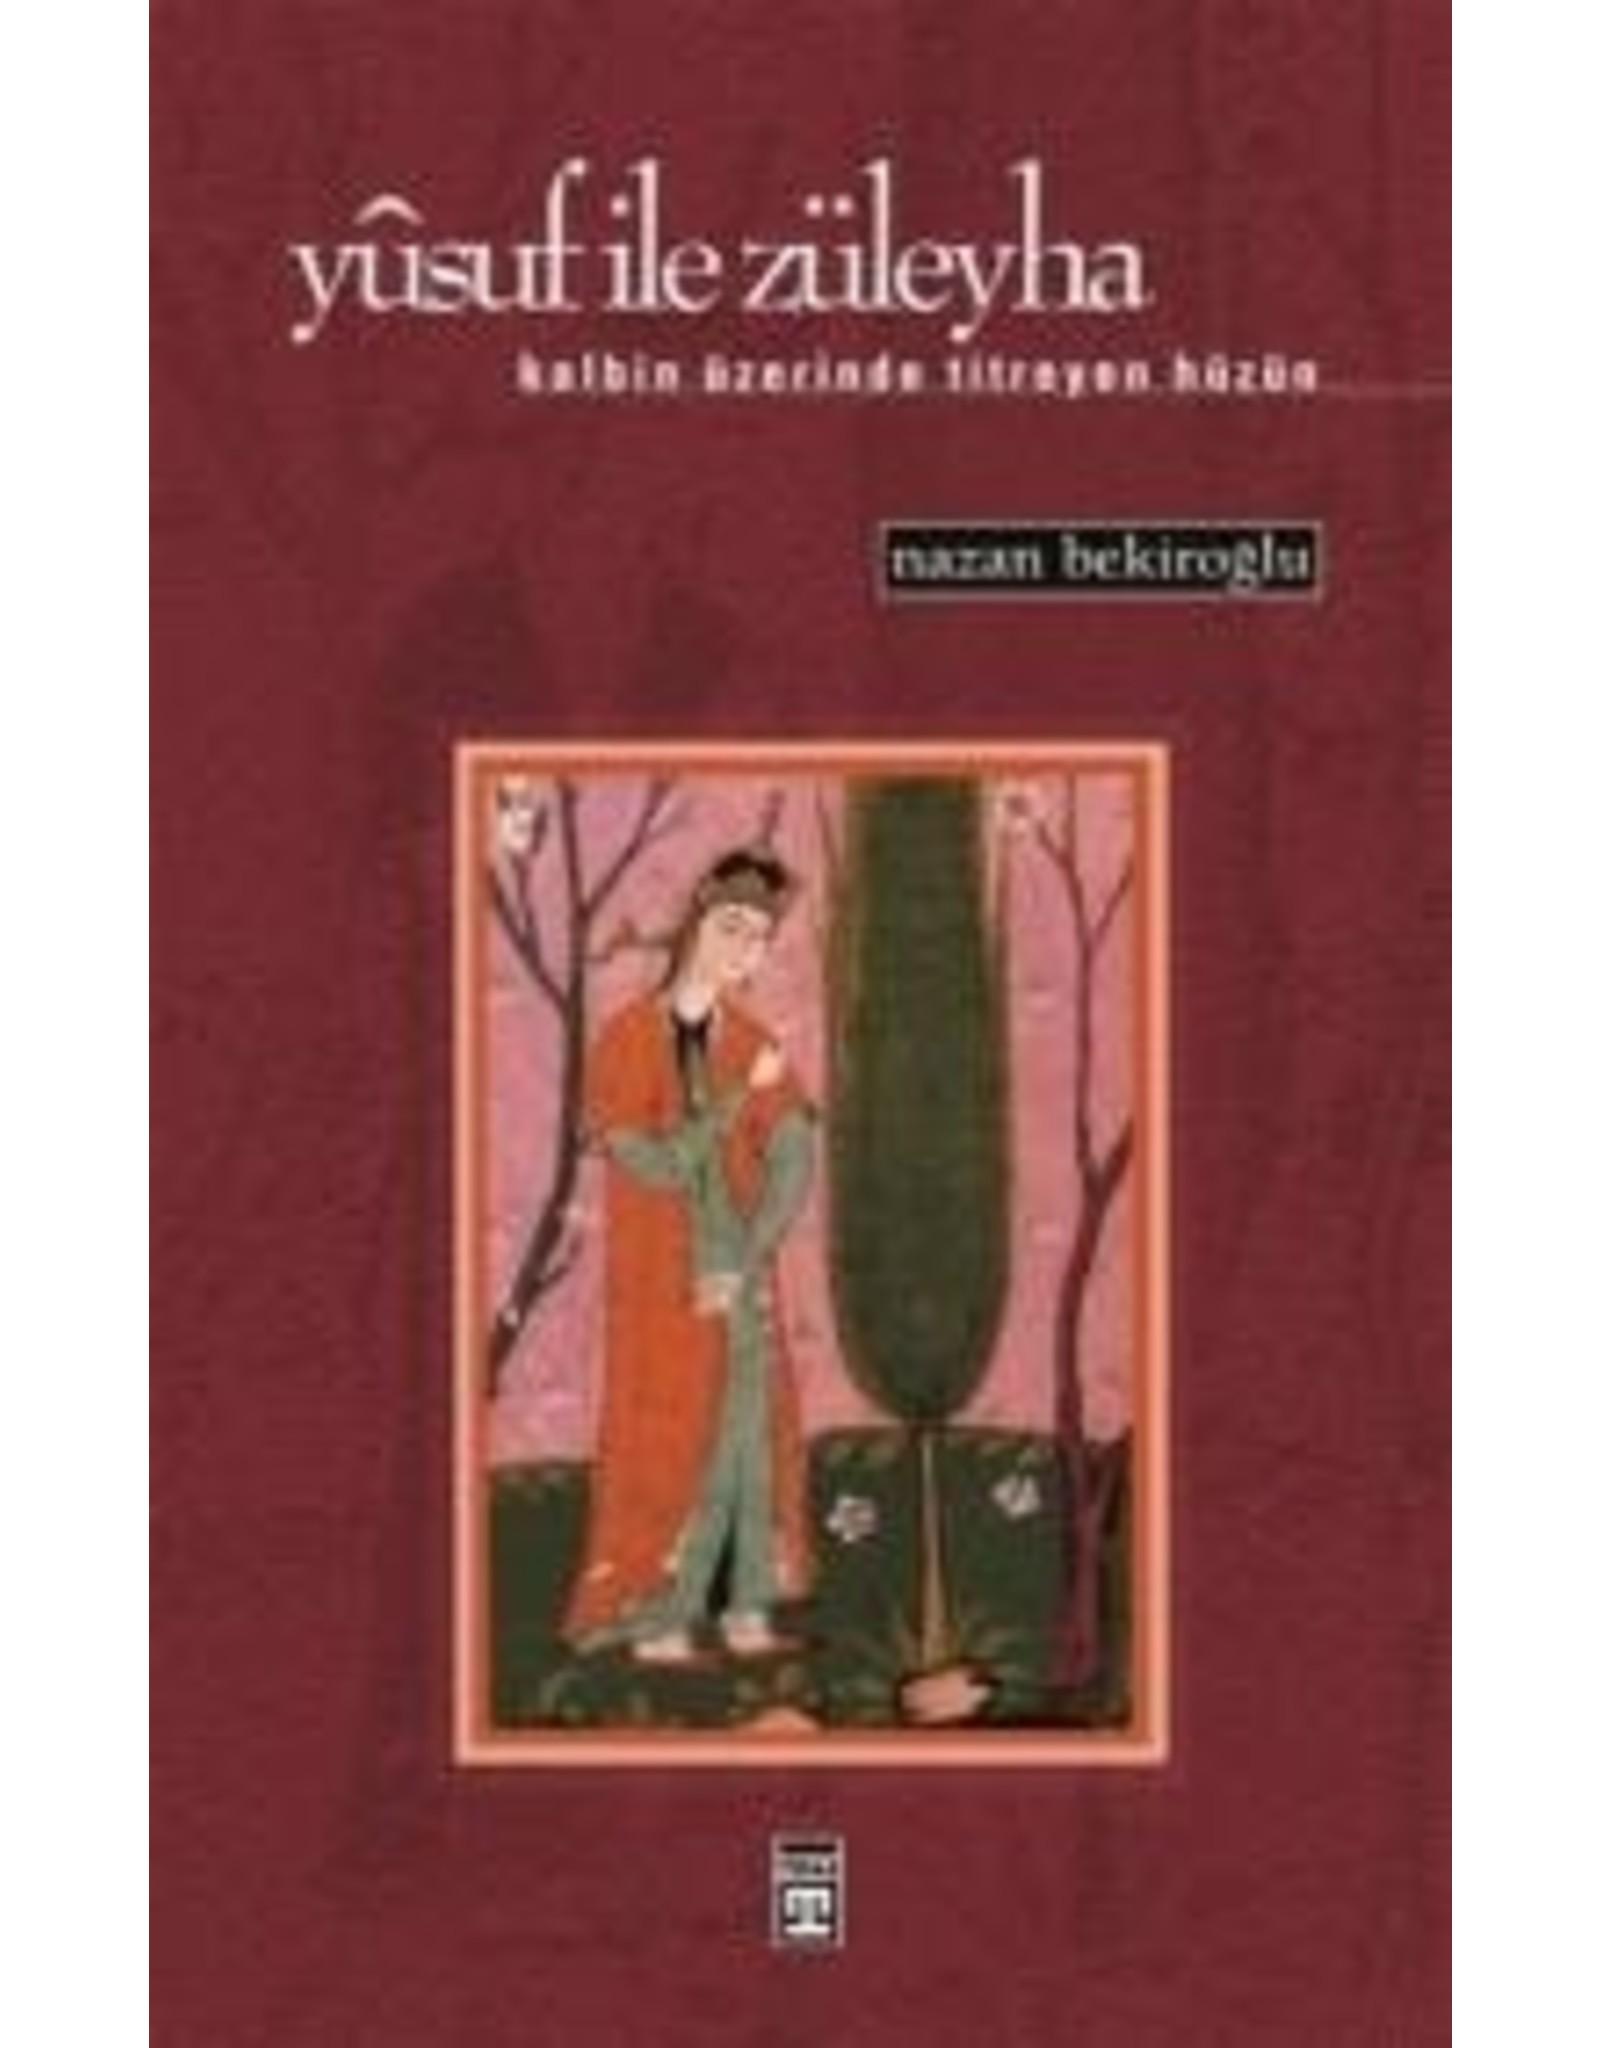 Nazan Bekiroğlu Yusuf ile Züleyha - Kalbin Üzerinde Titreyen Hüzün